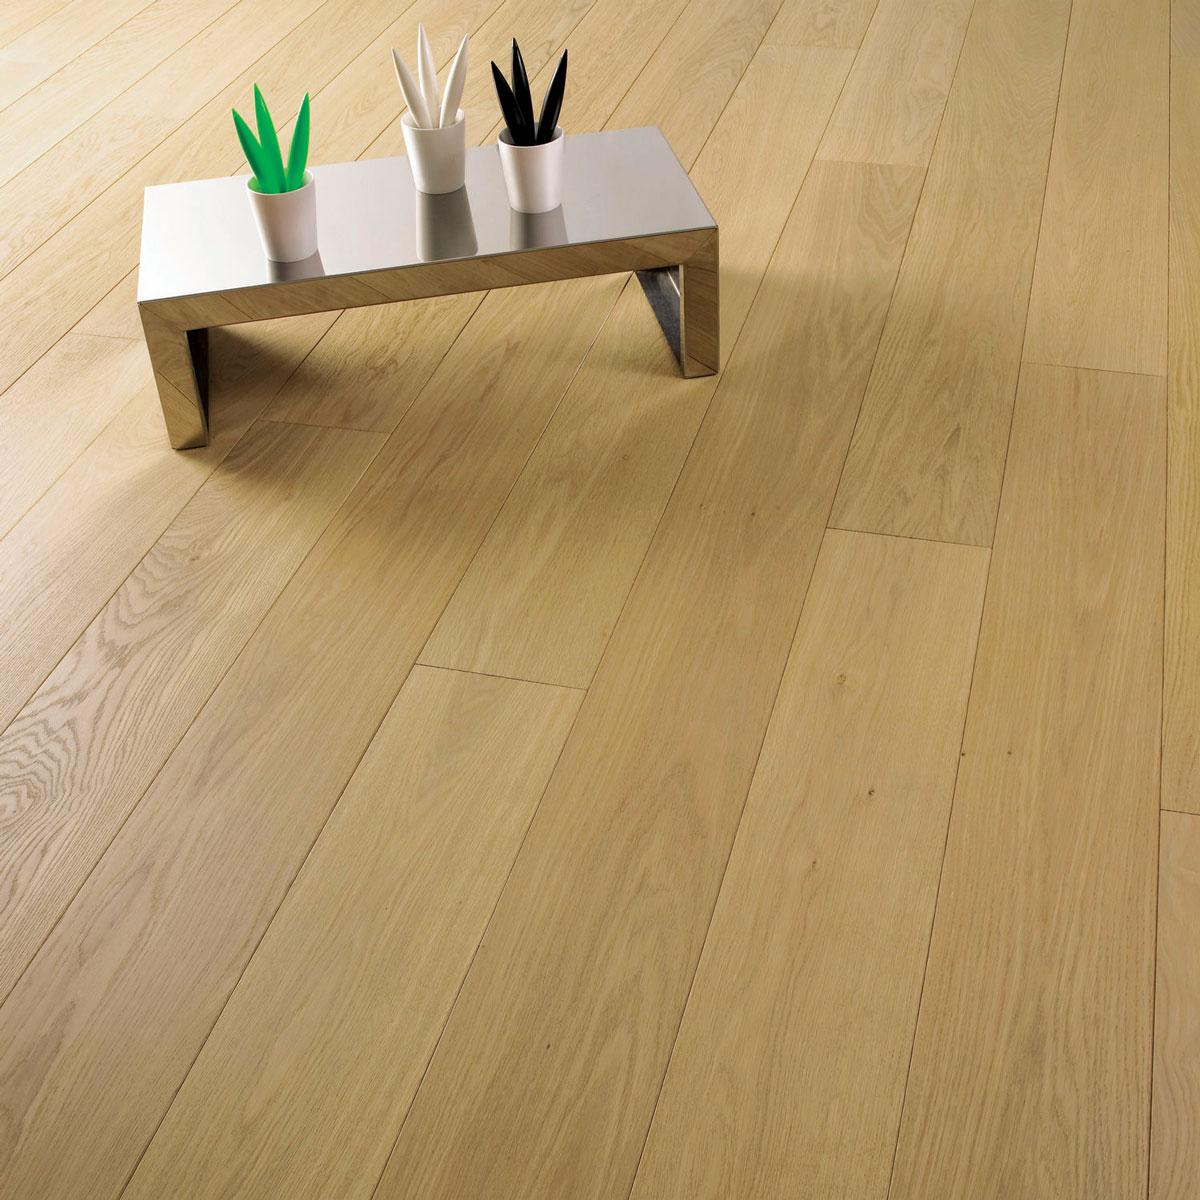 Drveni podovi - parket